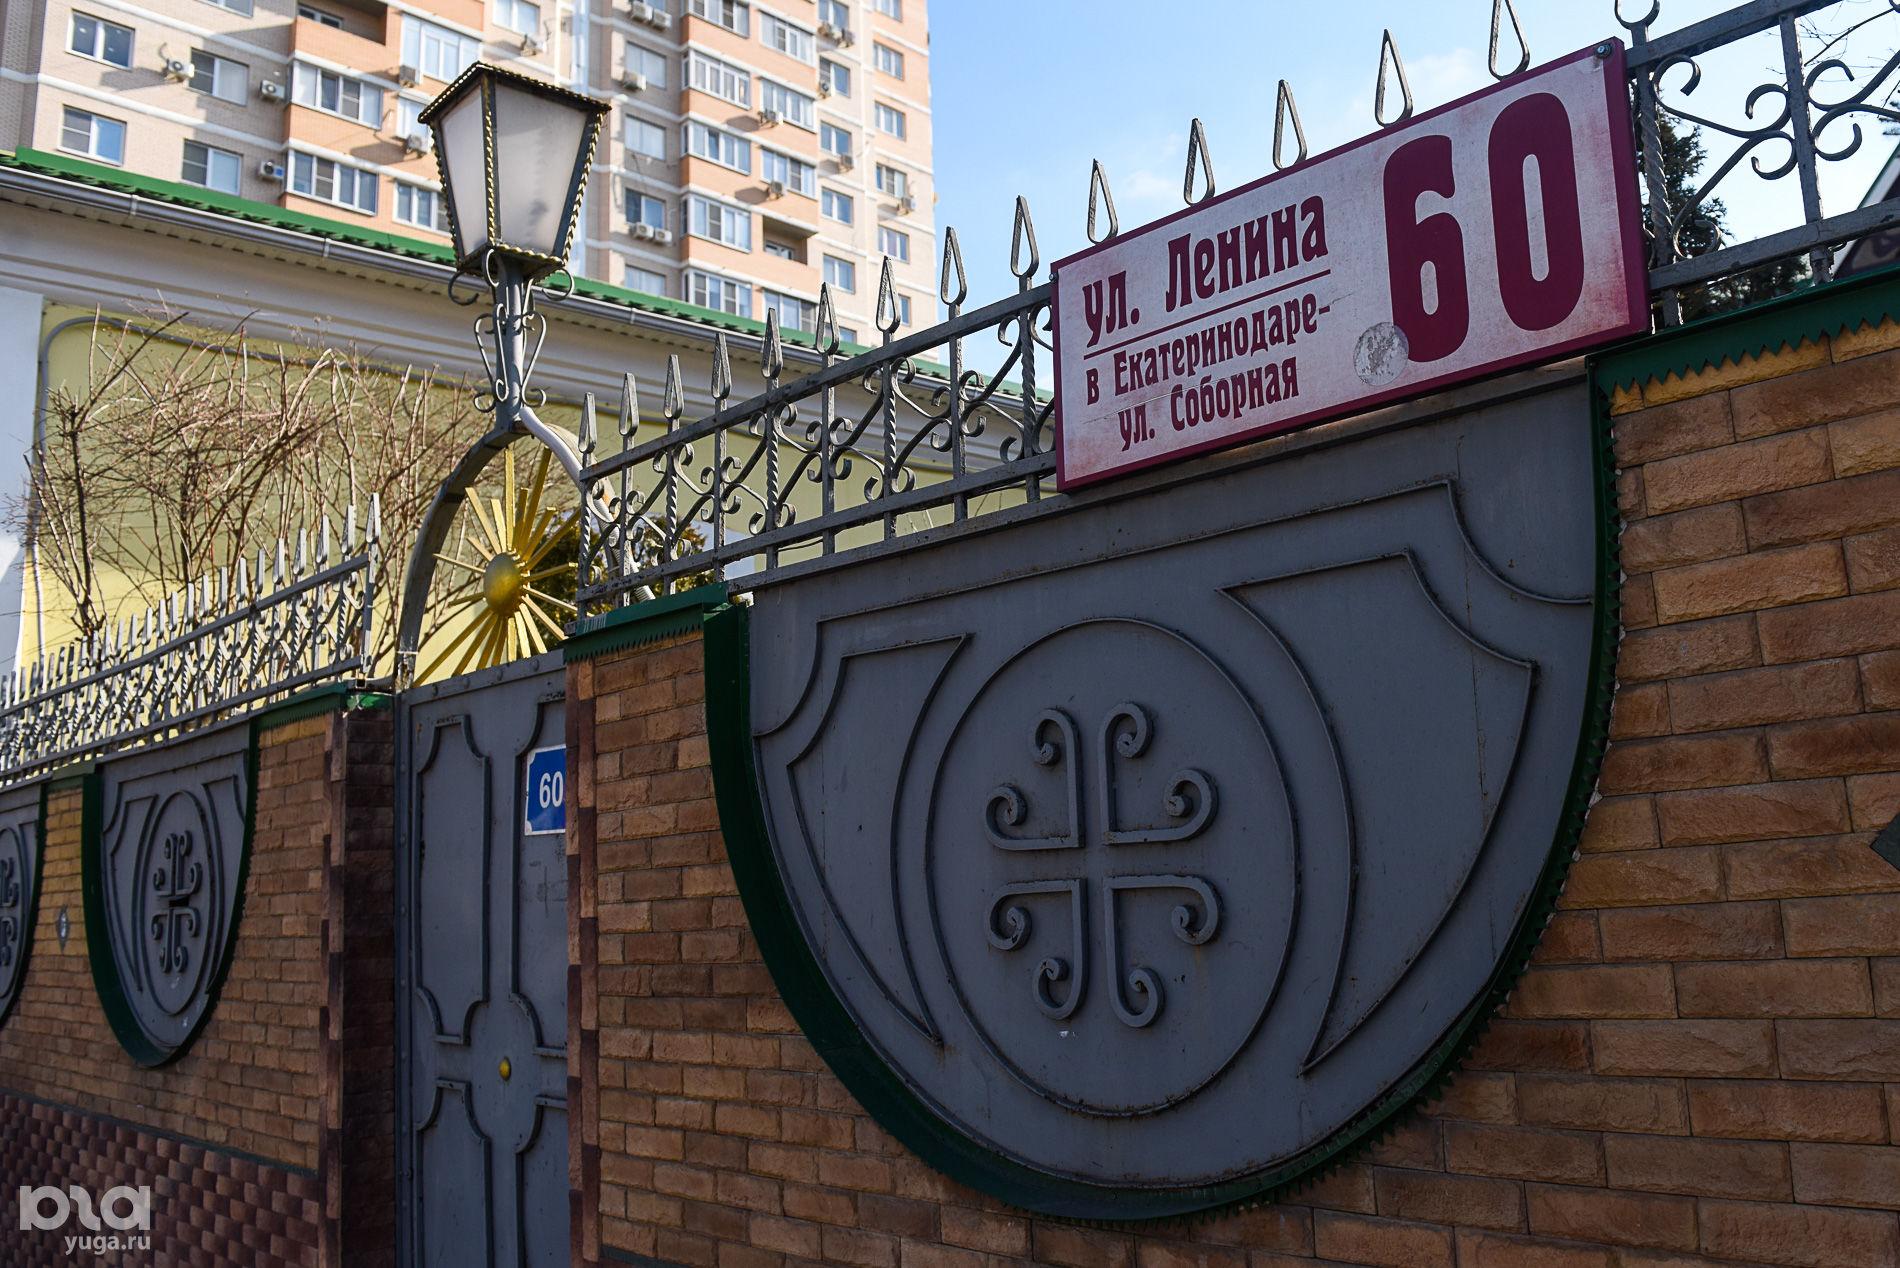 Екатеринодарская епархия ©Фото Елены Синеок, Юга.ру